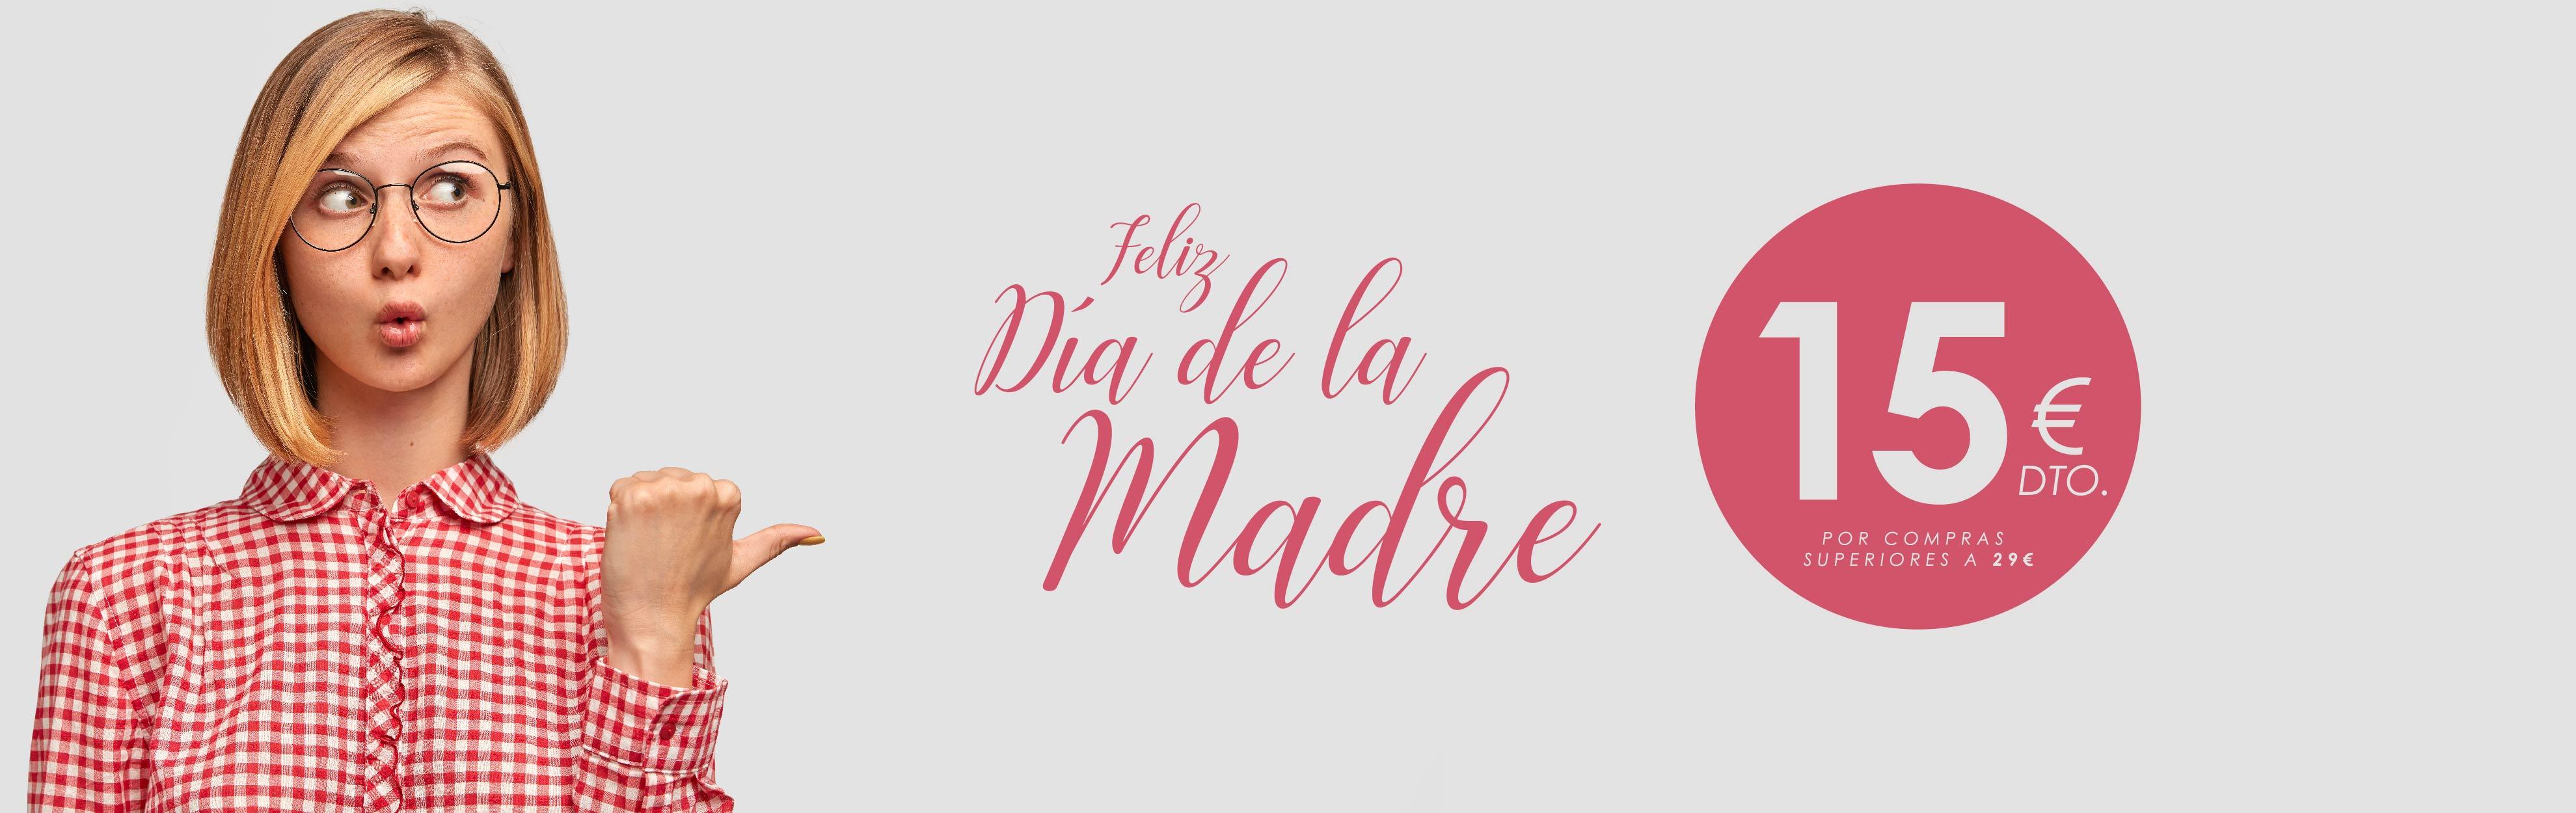 Slide-Solvision-Dia-de-la-Madre-2019_Mesa-de-trabajo-1_Mesa-de-trabajo-1